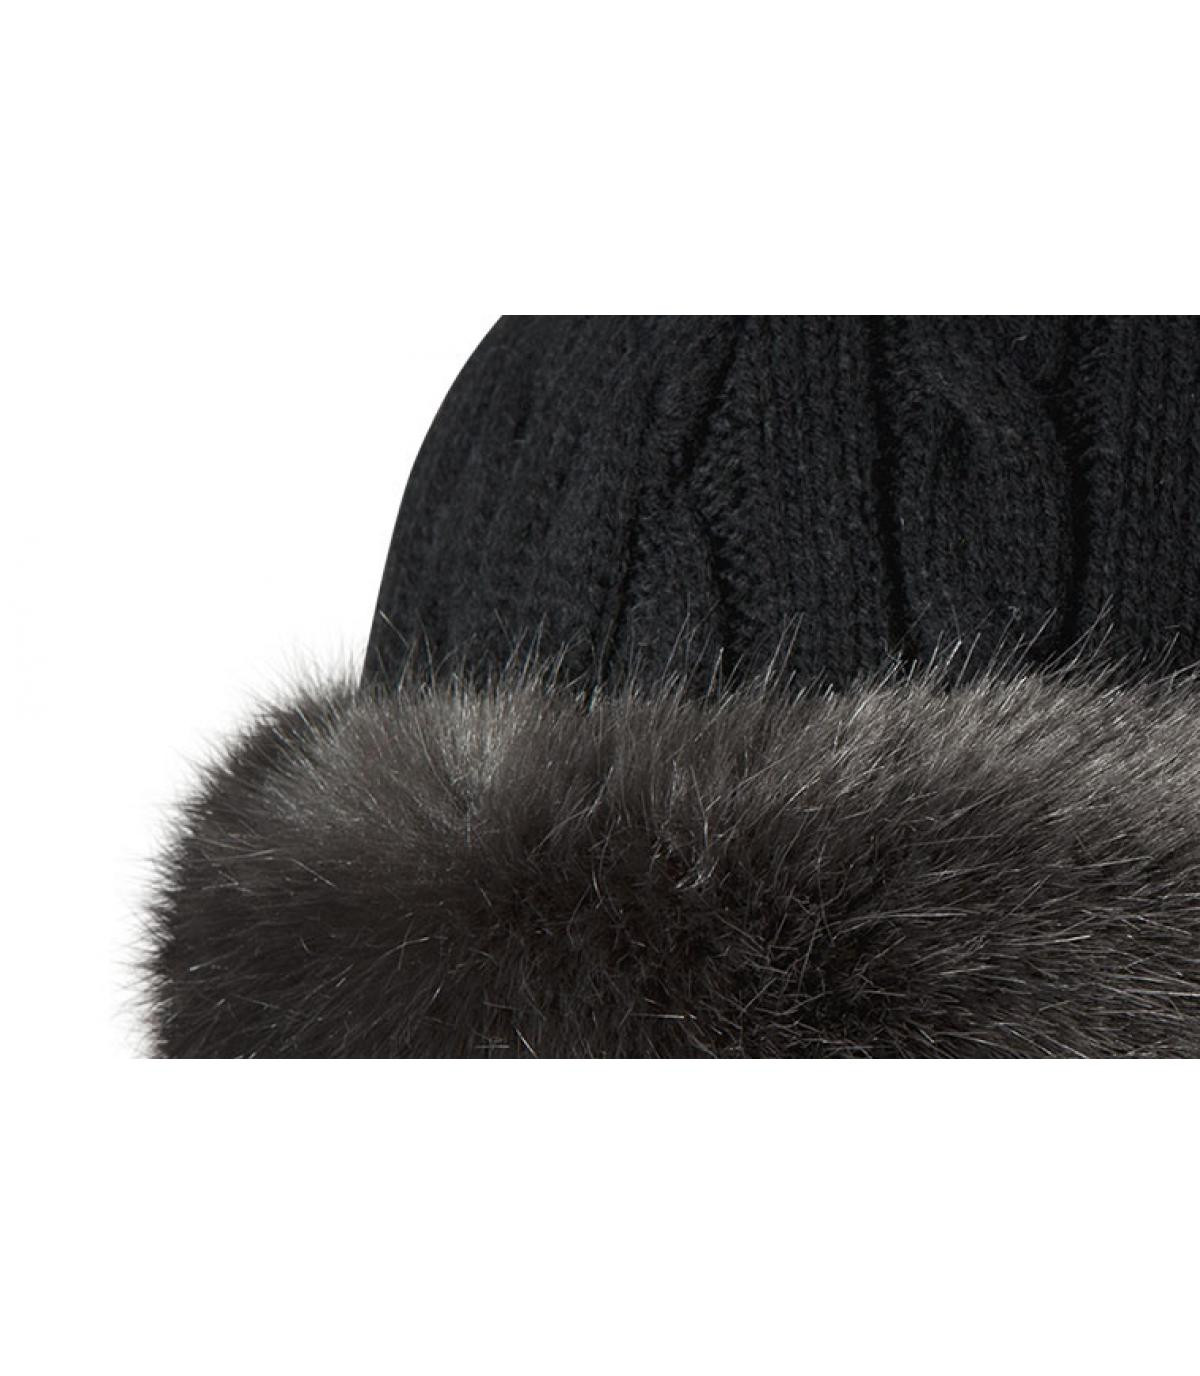 b1902722 Grey bandhat Barts - Fur cable bandhat grey by Barts.